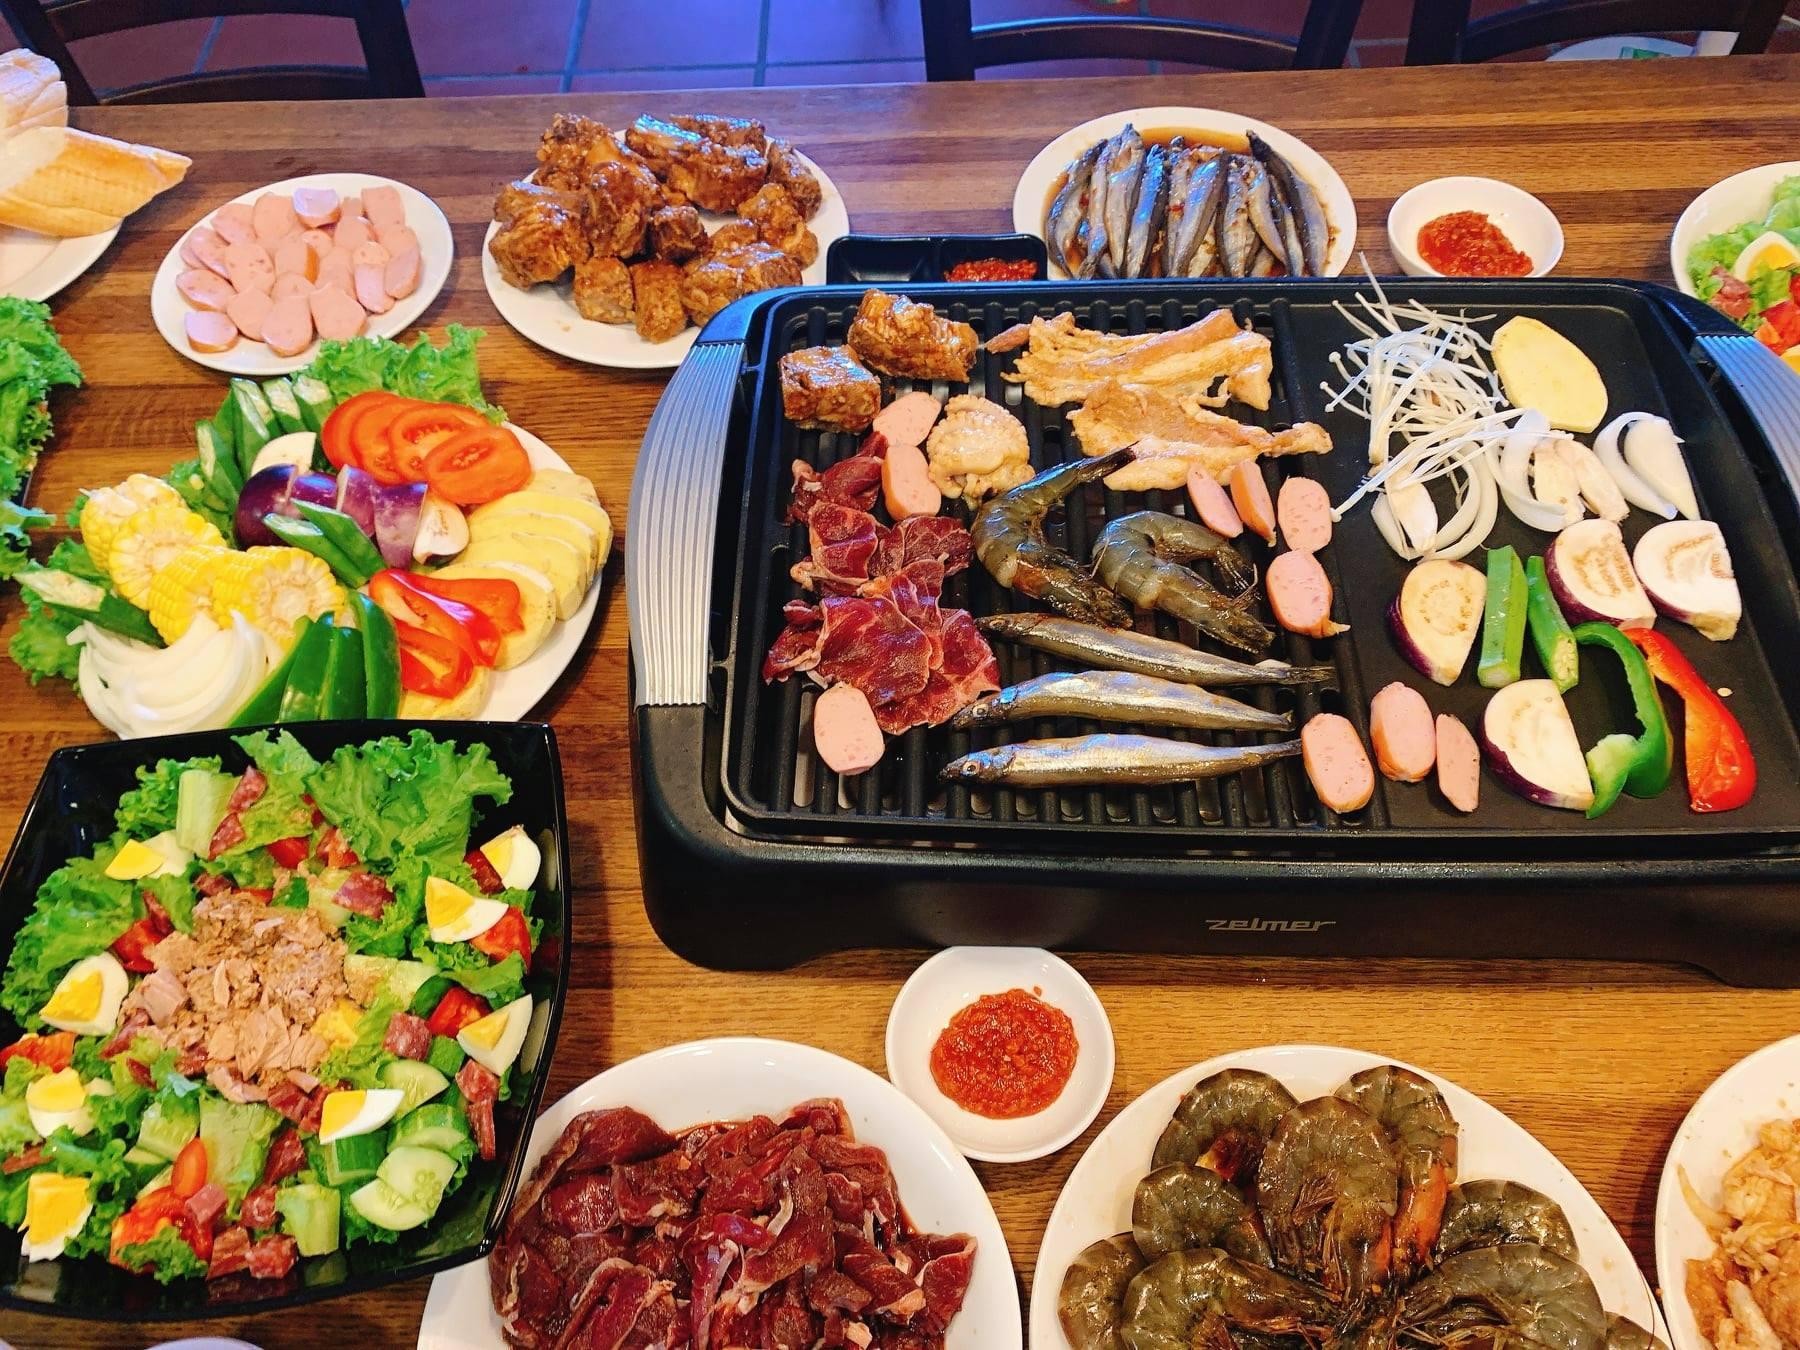 Mát trời lạnh lạnh ngồi cạnh bàn nướng thịt nướng Hàn Quốc cùng chai rượu thì cứ gọi là hết ý  - Ảnh 1